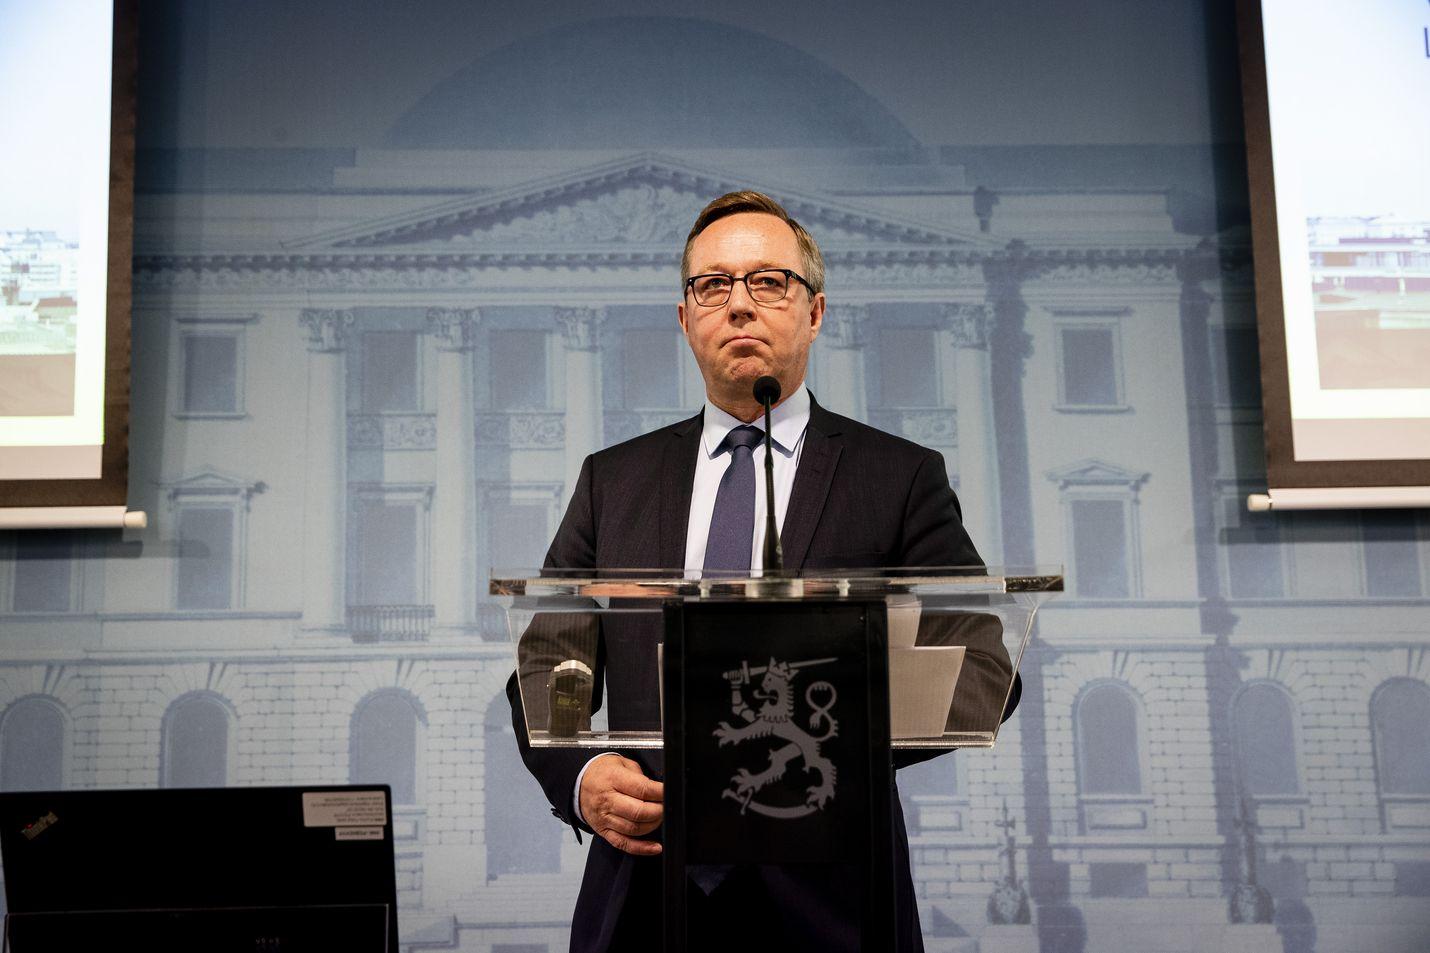 Valtiovarainministeri Mika Lintilä (kesk.) esitteli viime keskiviikkona VM:n budjettiehdotuksen, jossa yliopistoille esitettiin 10 miljoonan ja ammattikorkeakouluille 5 miljoonan euron lisäystä. perusrahoitukseen.